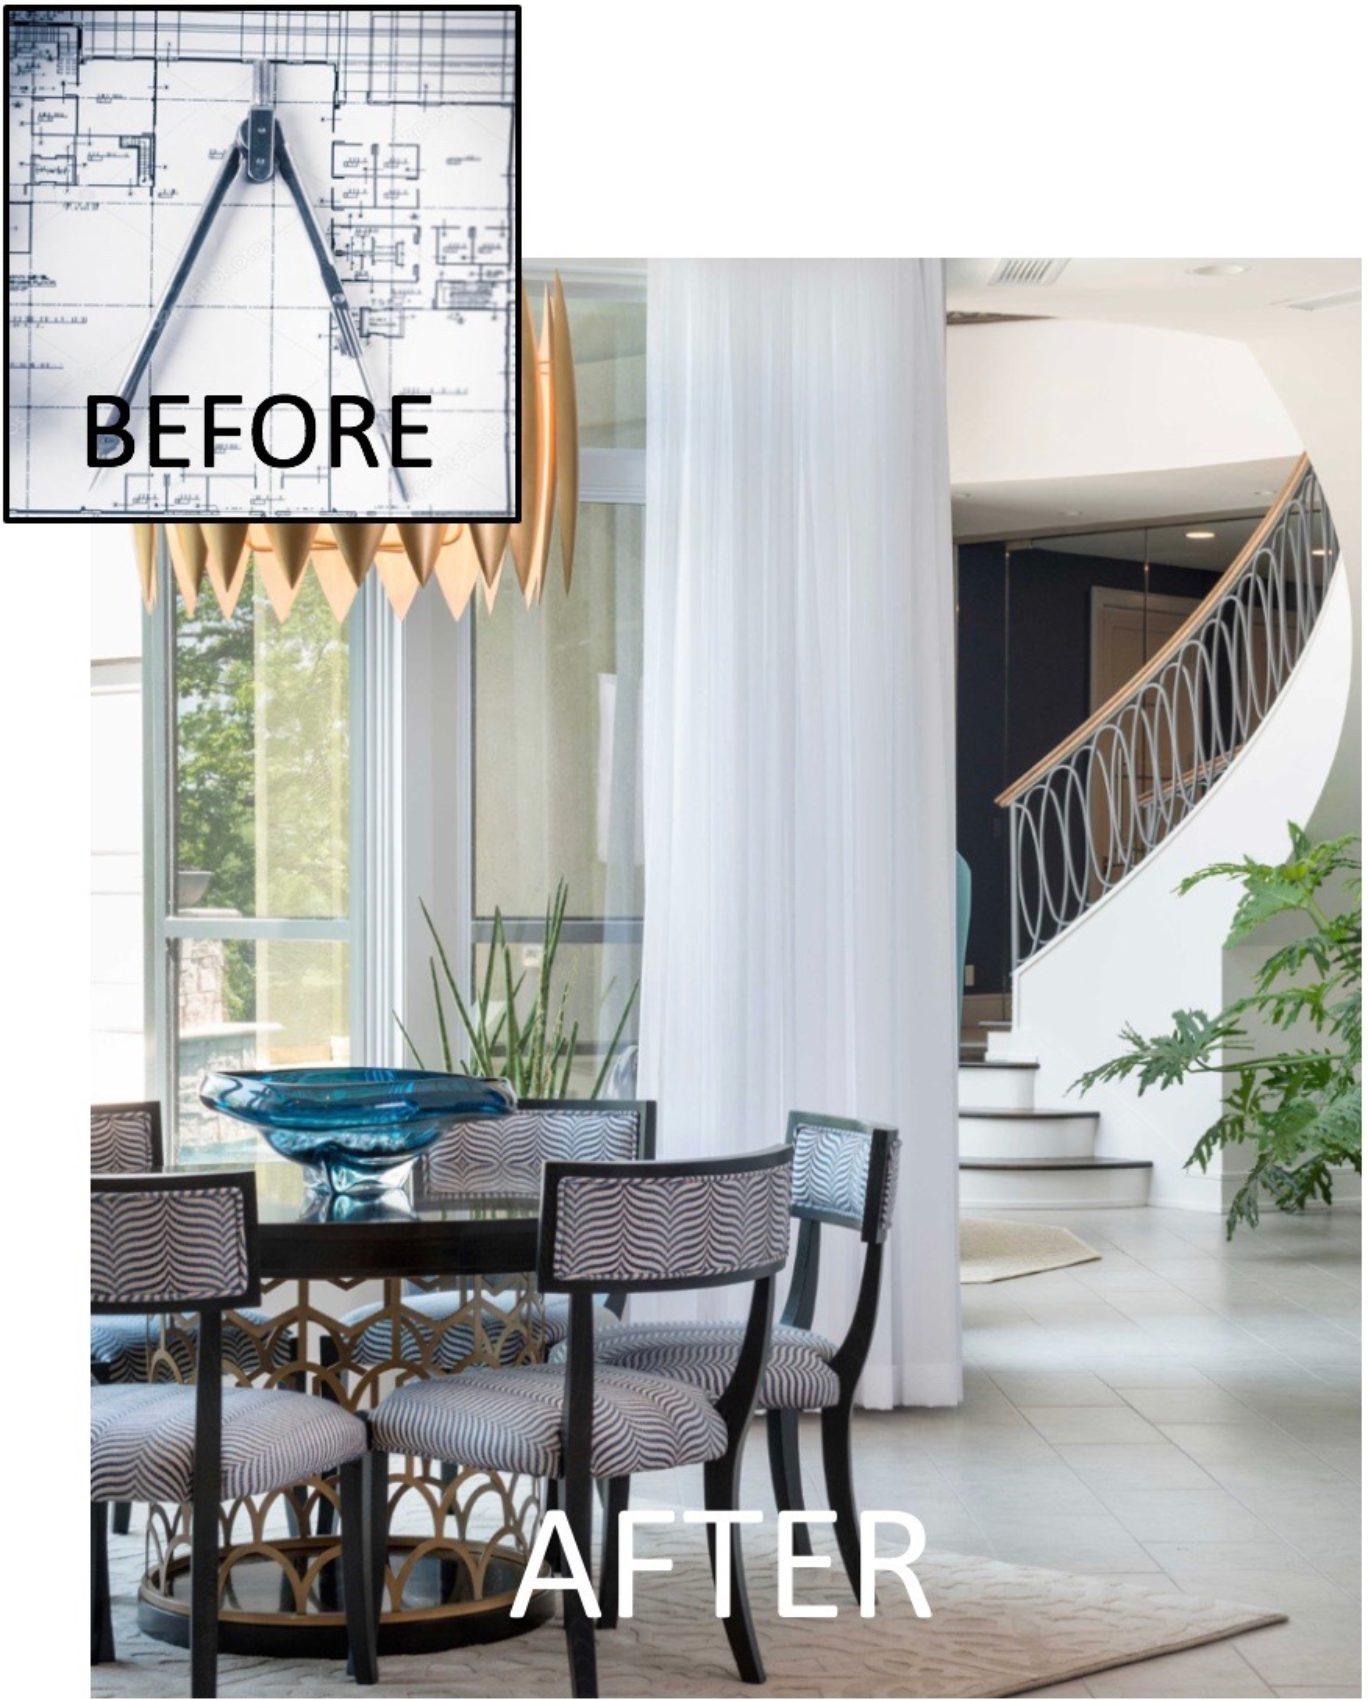 New home construction, building a new home kansas city, new home builder, custom interior design, interior design firm kansas city